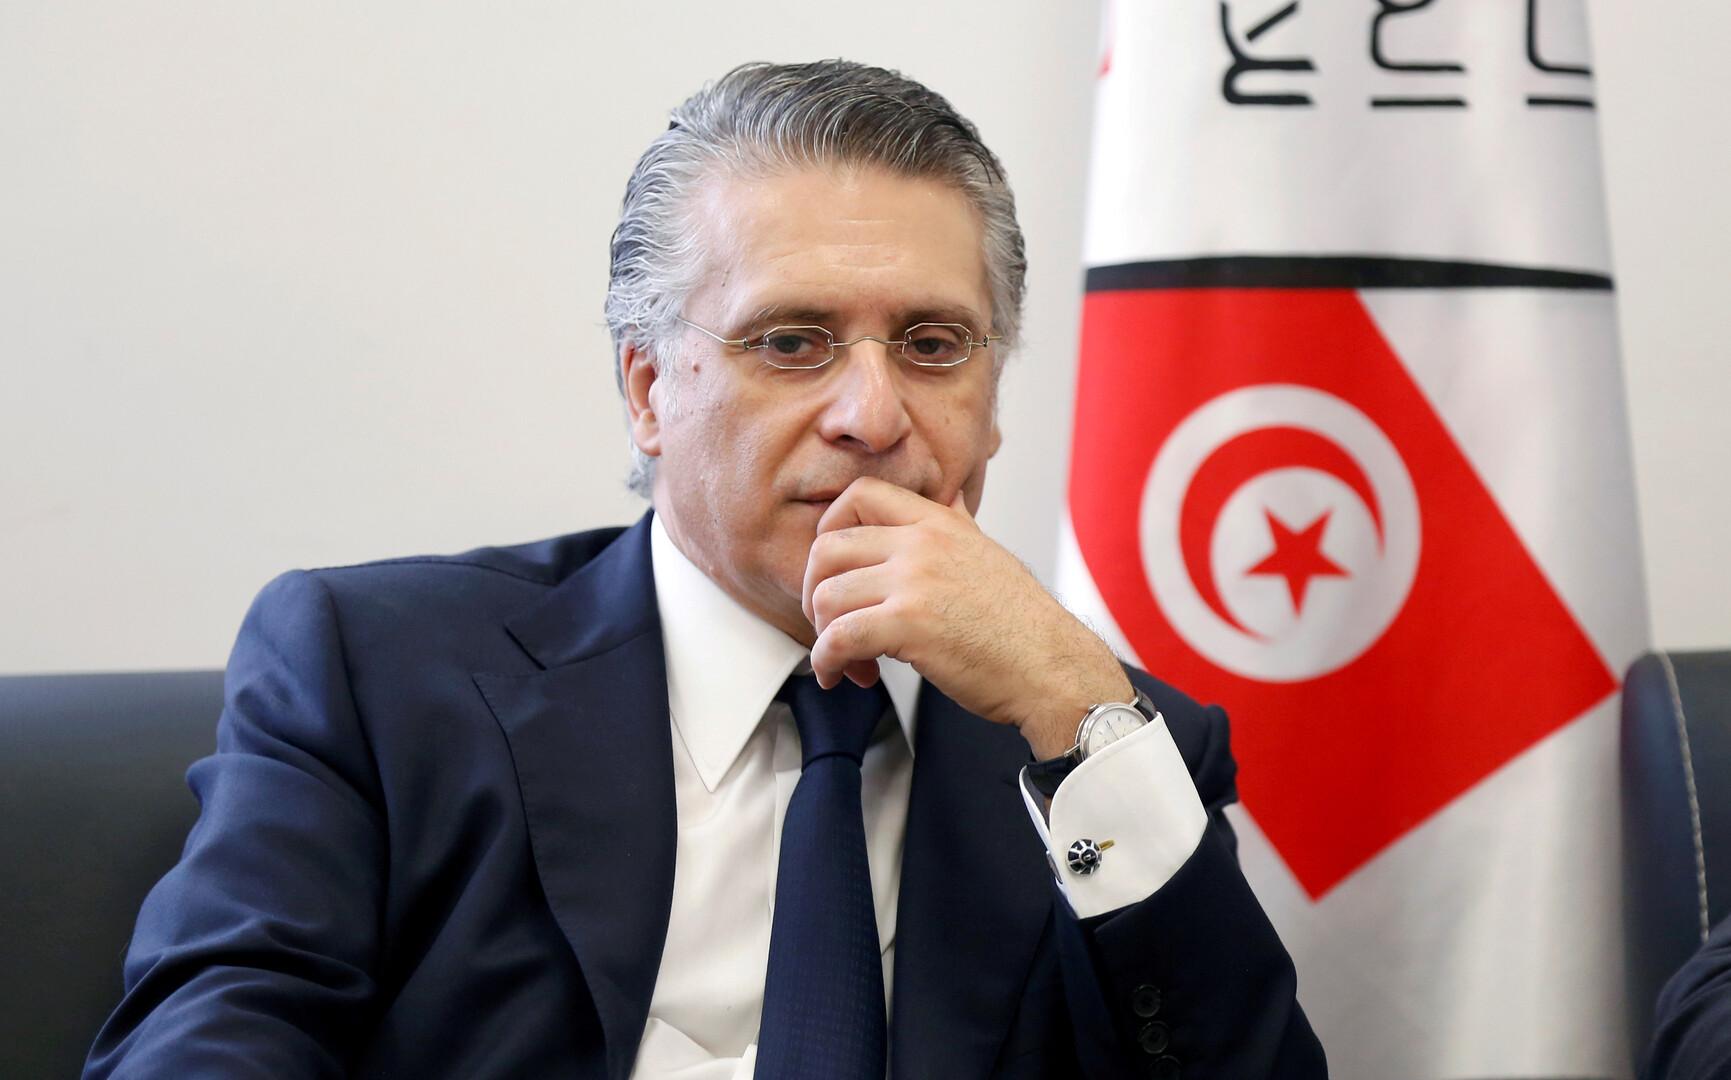 هيئة الاتصال التونسية تسمح للقروي بالمشاركة في مناظرات الانتخابات الرئاسية